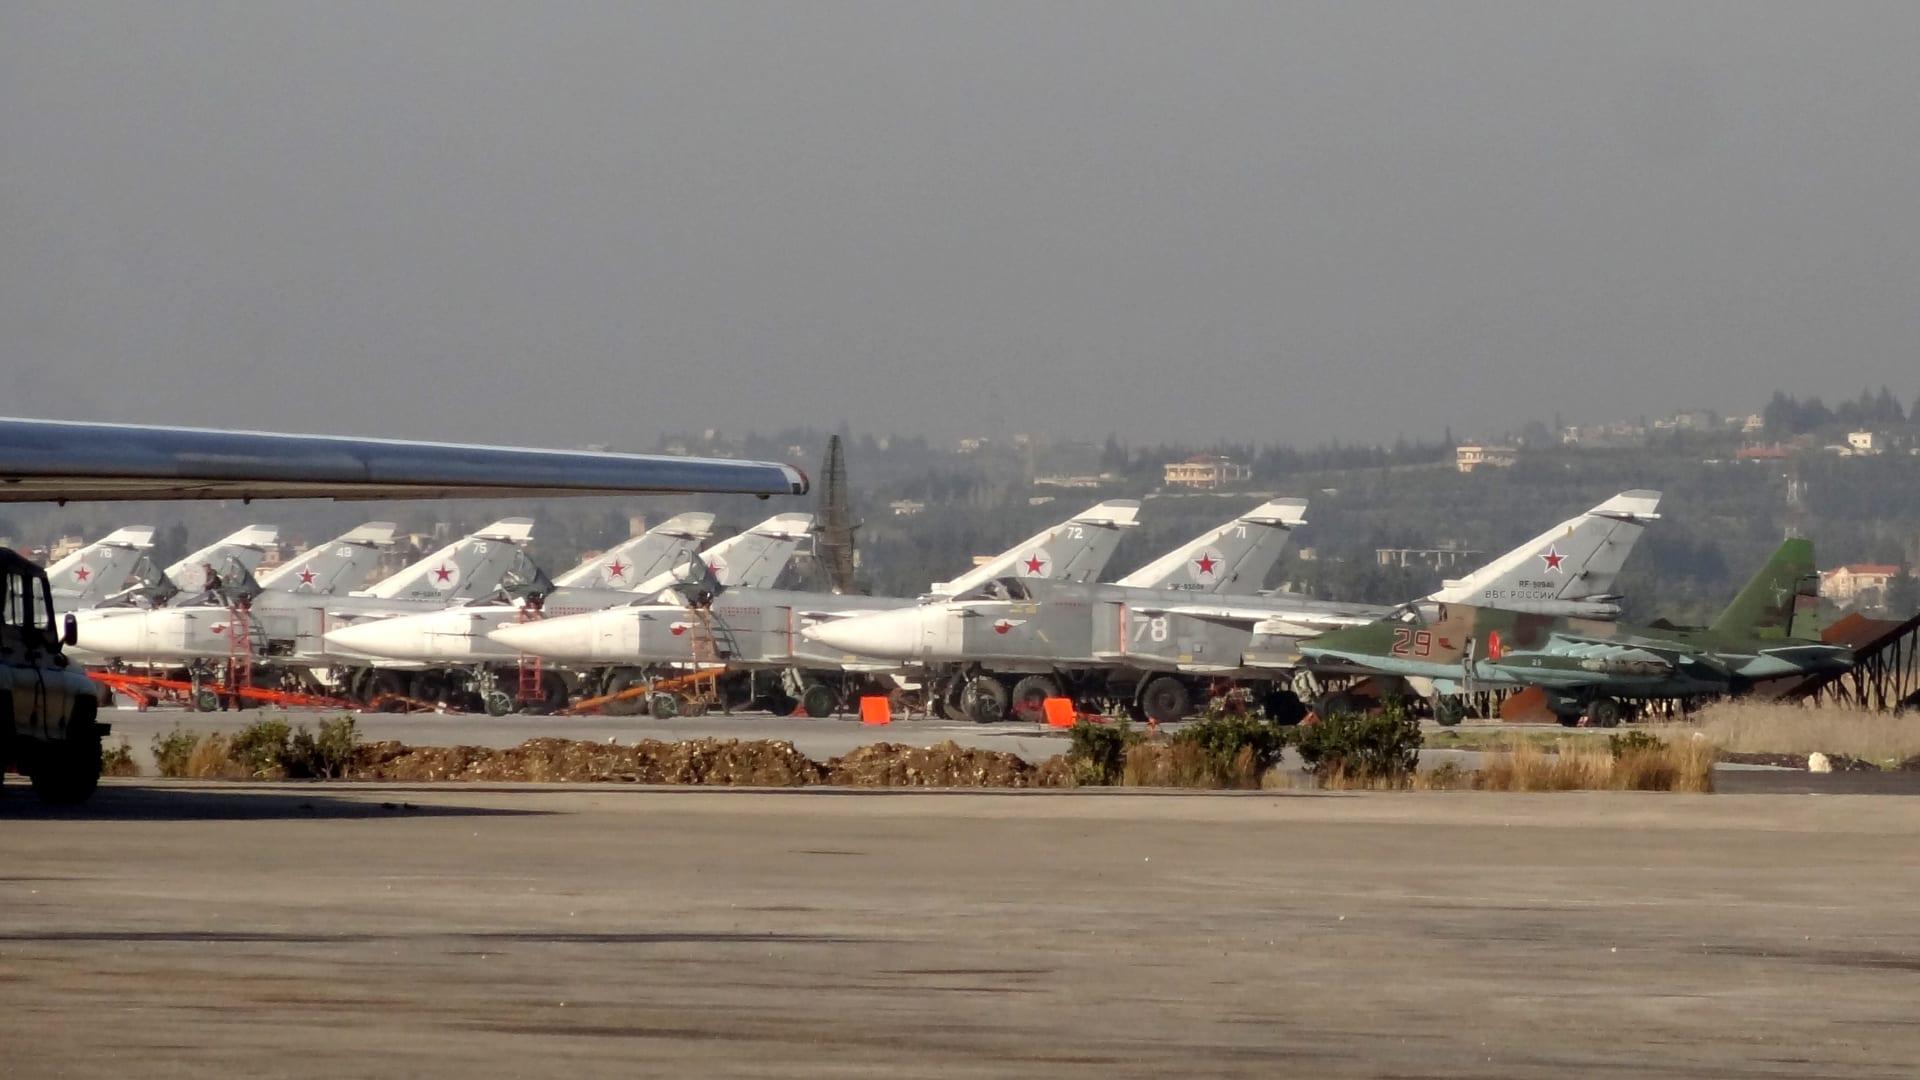 بالفيديو: الكلمة التي أعلن فيها بوتين سحب قوات روسيا من سوريا ابتداء من الثلاثاء